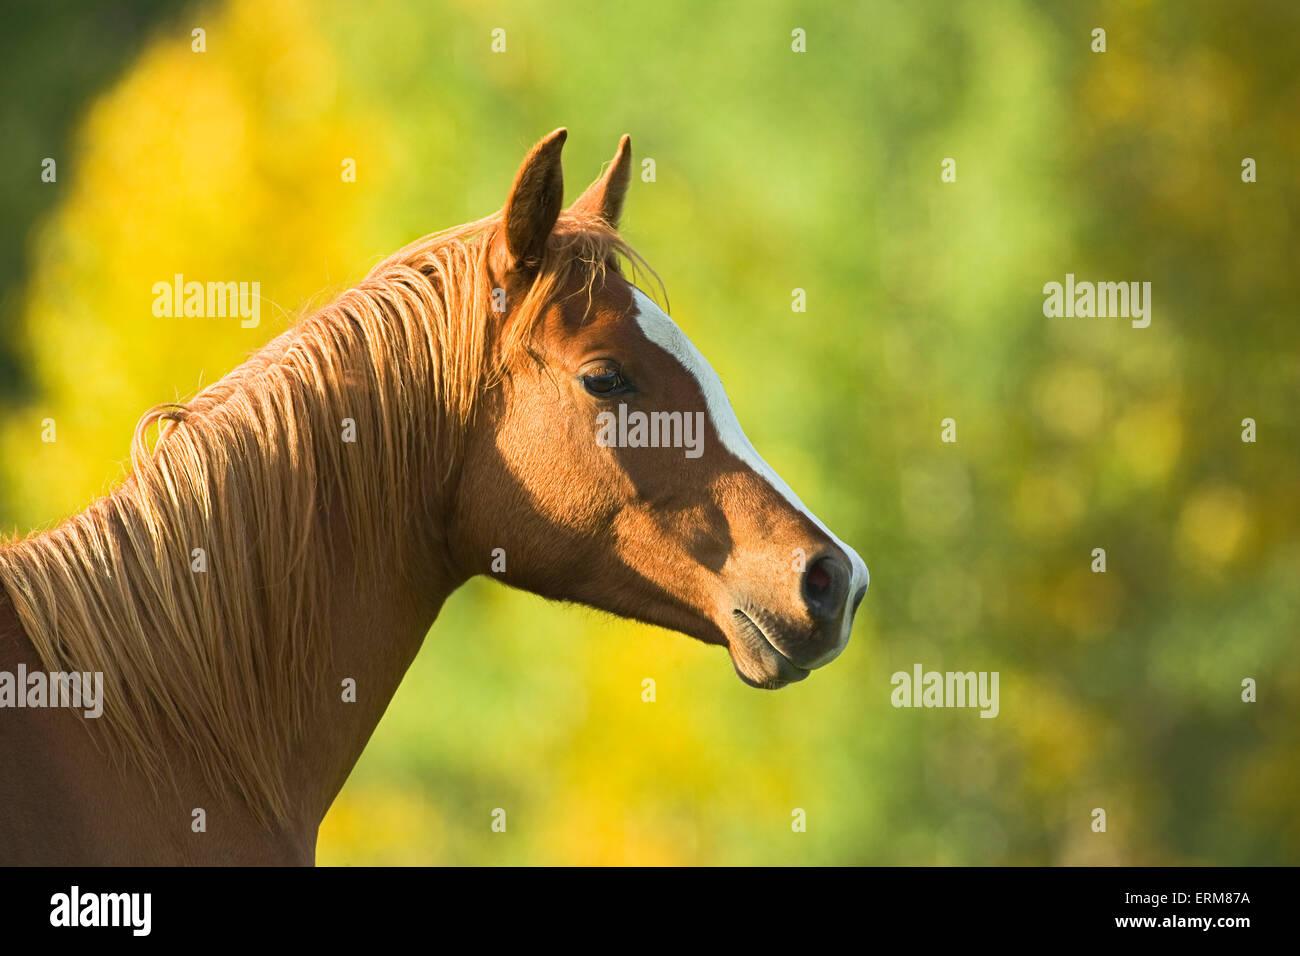 Castaño Arabian Horse closeup retrato Imagen De Stock